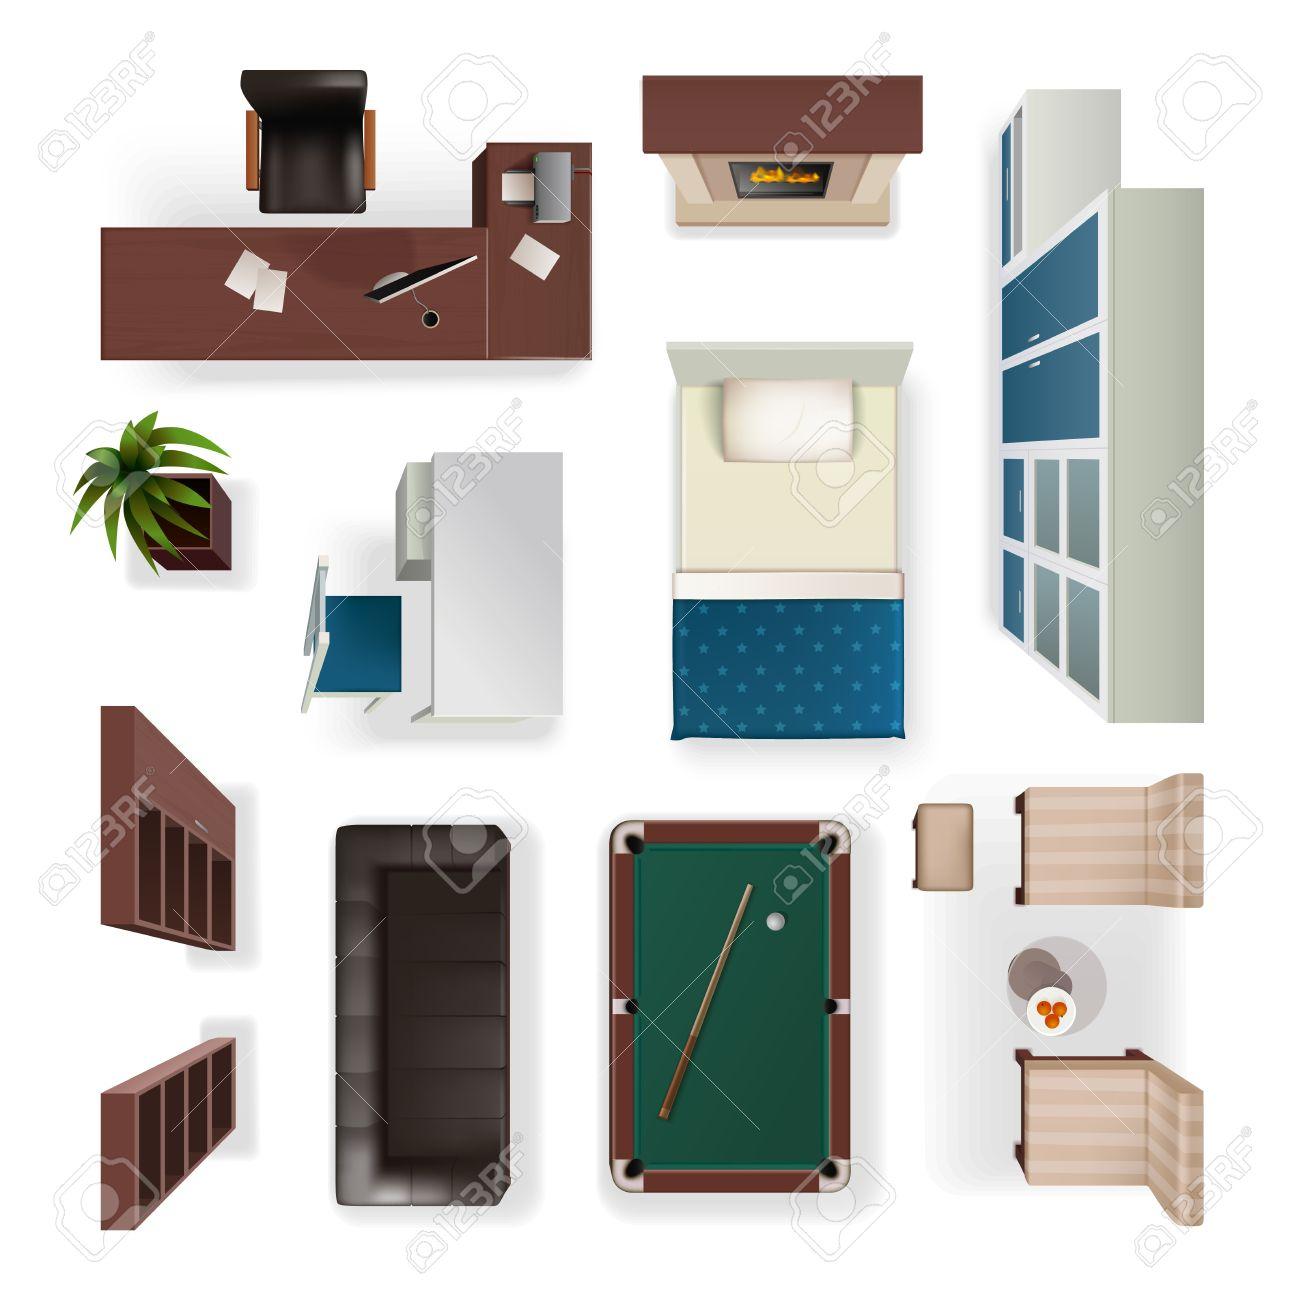 Modernes Interieur Möbel Für Büro Wohn- Und Schlafzimmer Getrennt ...